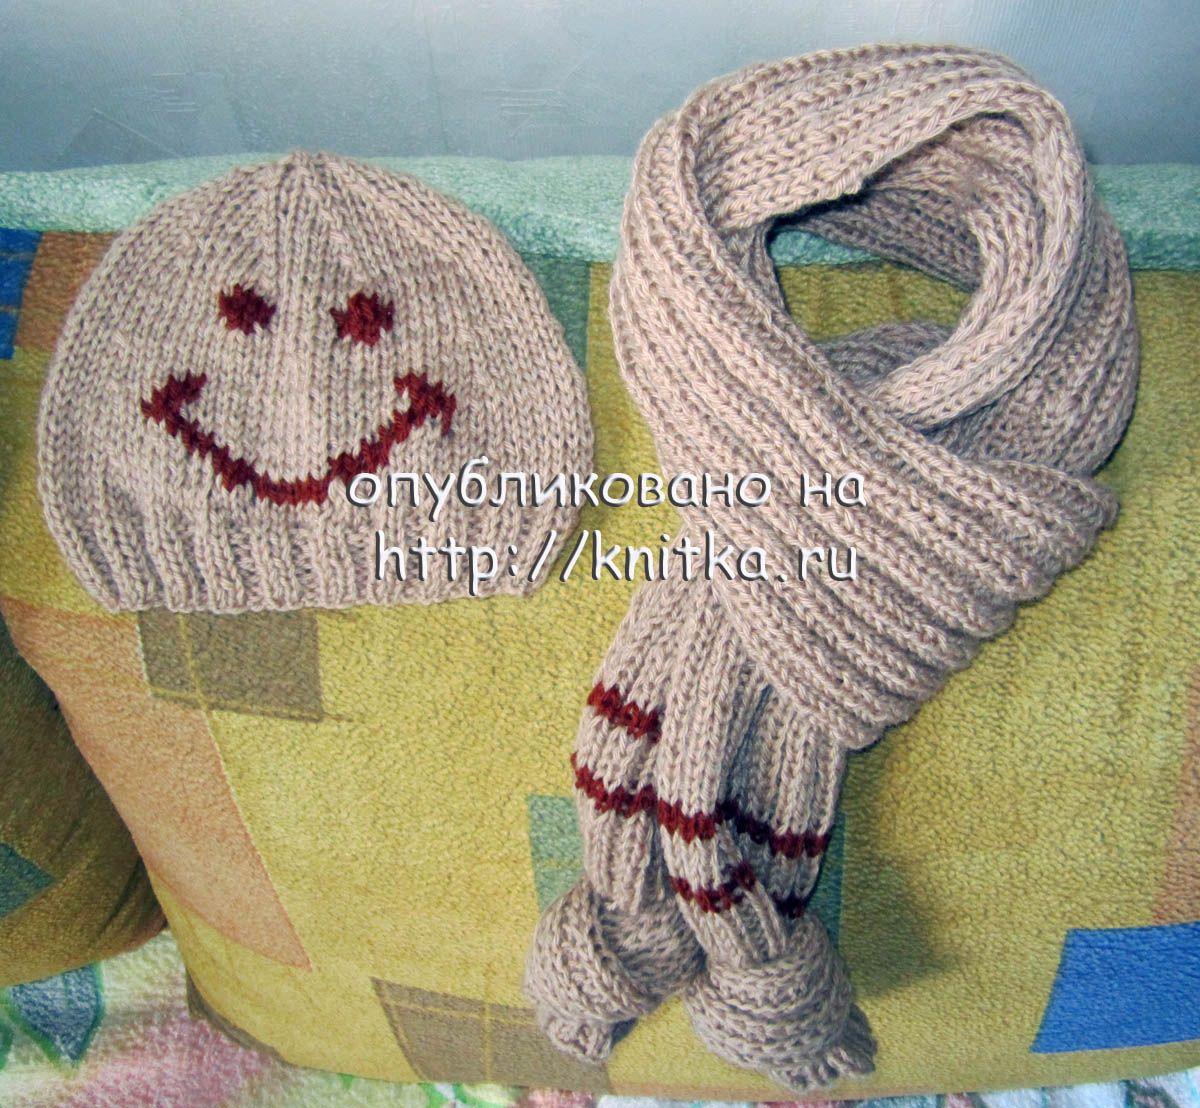 Бесплатная схема вязания кофточки для годовалого мальчика